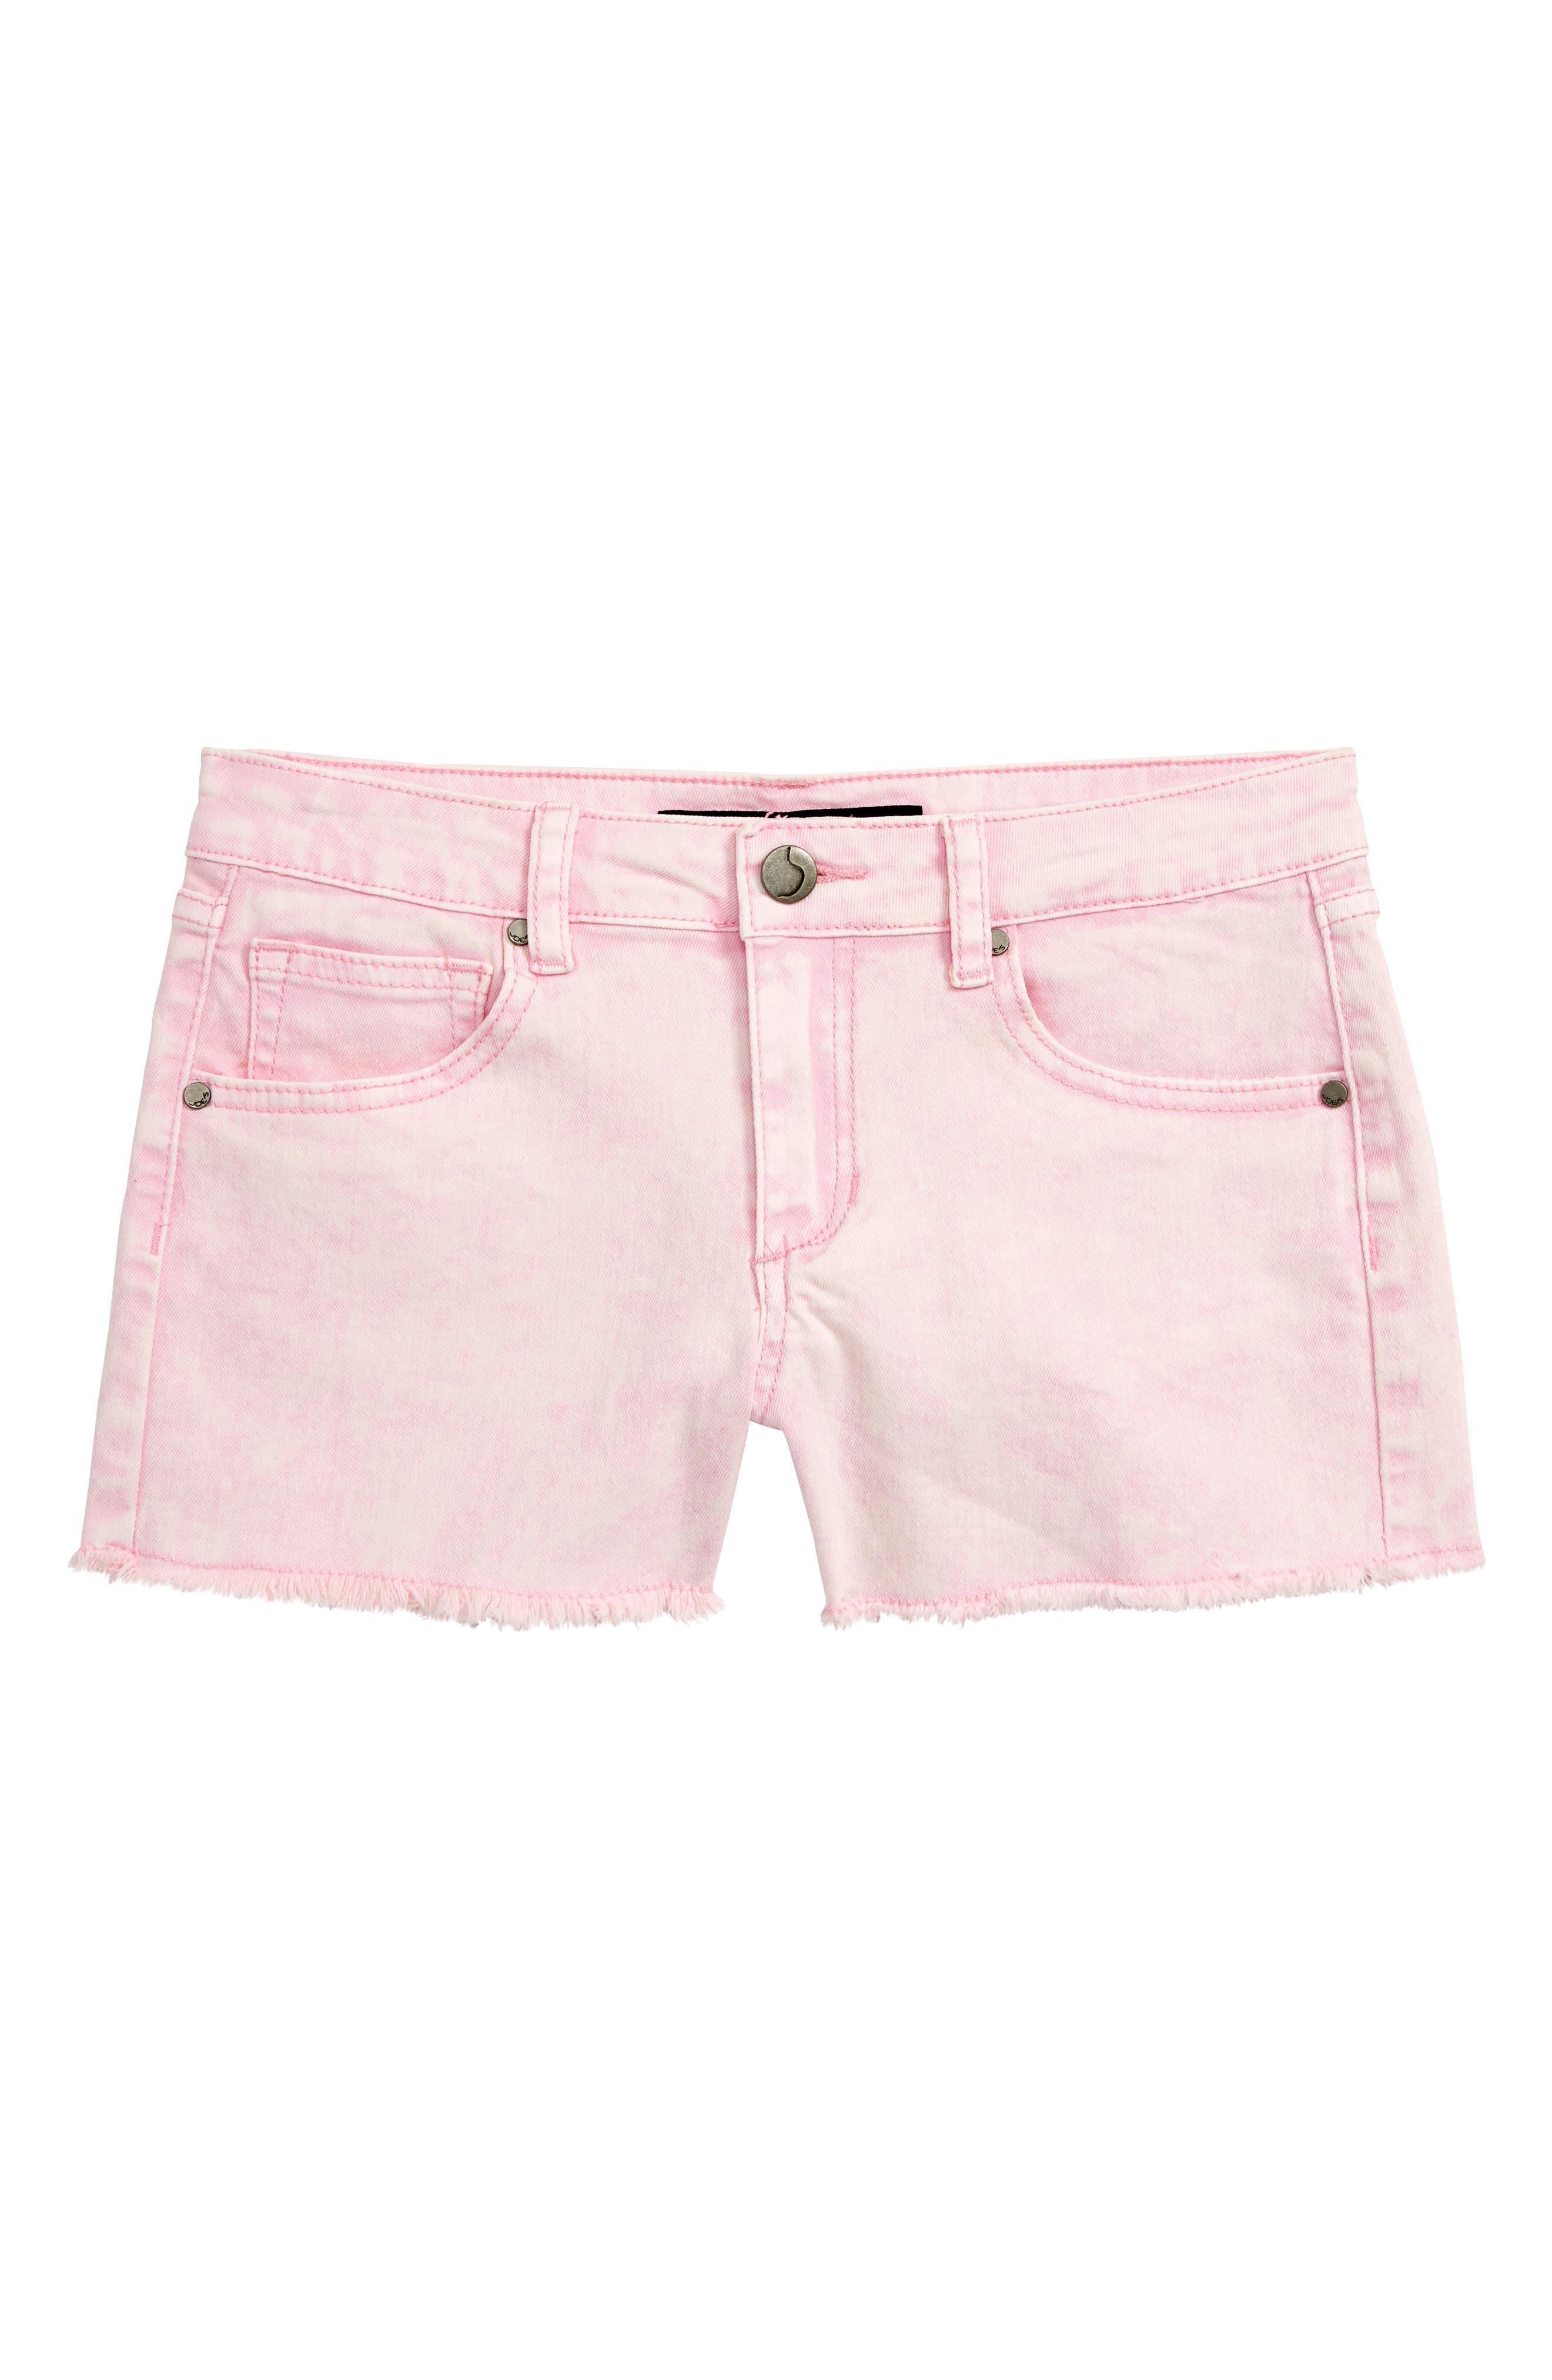 JOE'S, The Markie Cutoff Denim Shorts, Main thumbnail 1, color, PRISM PINK